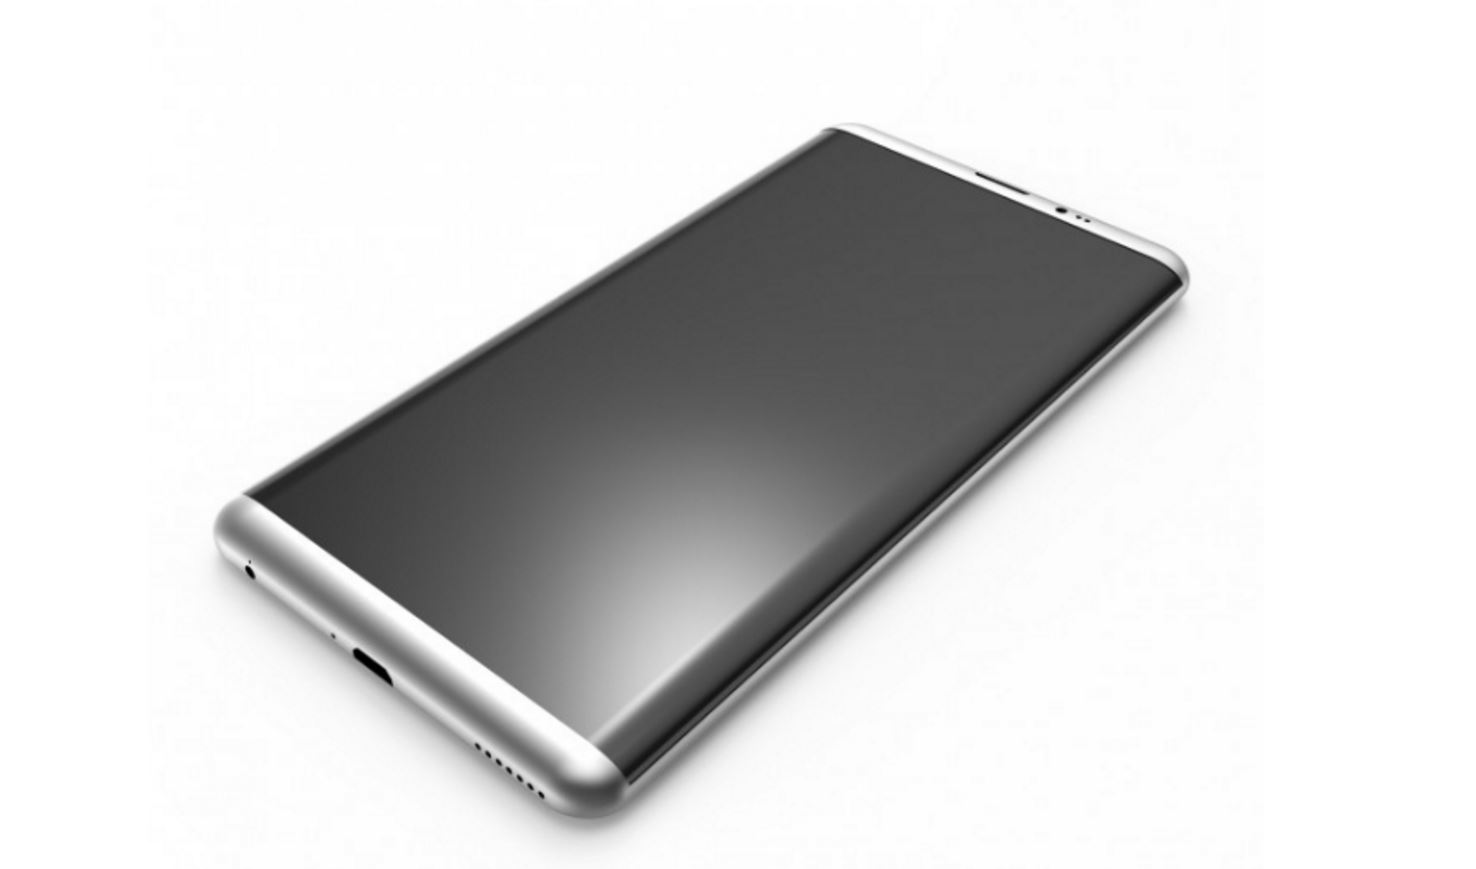 رندرهای سهبعدی جدید از سامسونگ گلکسی S8 منتشر شد